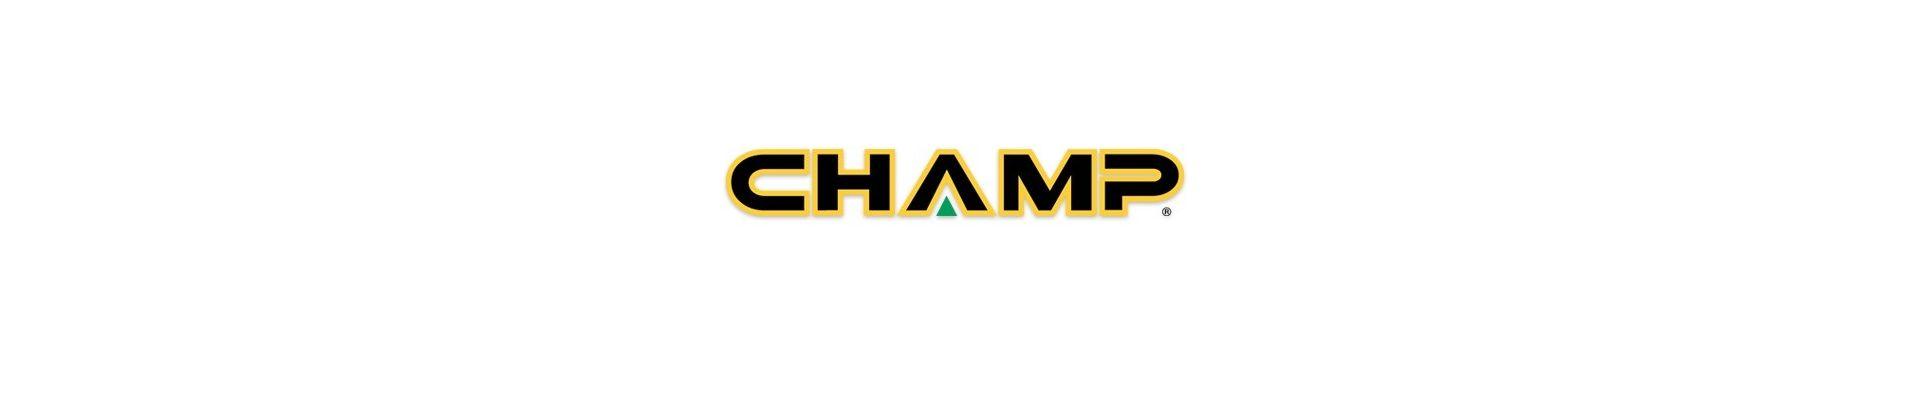 Magazin cu brichete Champ de vanzare.Pret brichete Champ si accesorii